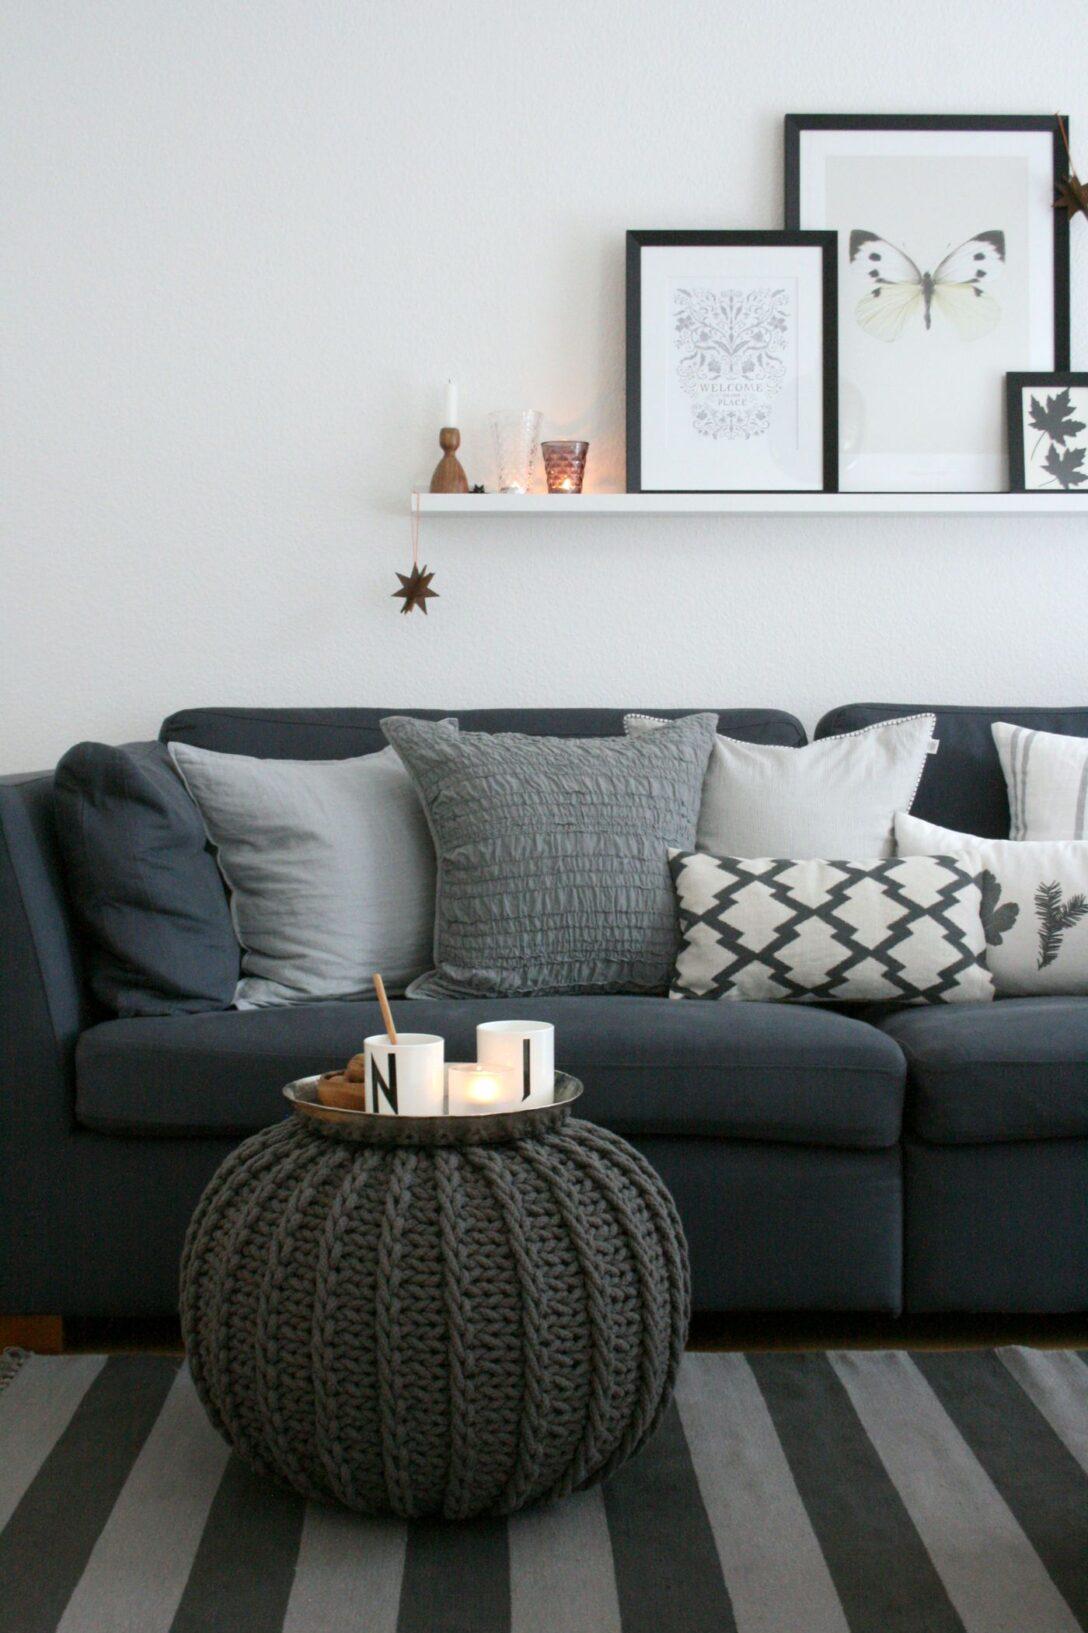 Large Size of Graues Sofa Bunte Kissen 2er Ikea Passende Wandfarbe Graue Couch Kleines Rosa Wohnzimmer Welche Farbe Weisser Teppich Kissenfarbe Kombinieren Sofas Ideen Fr Sofa Graues Sofa